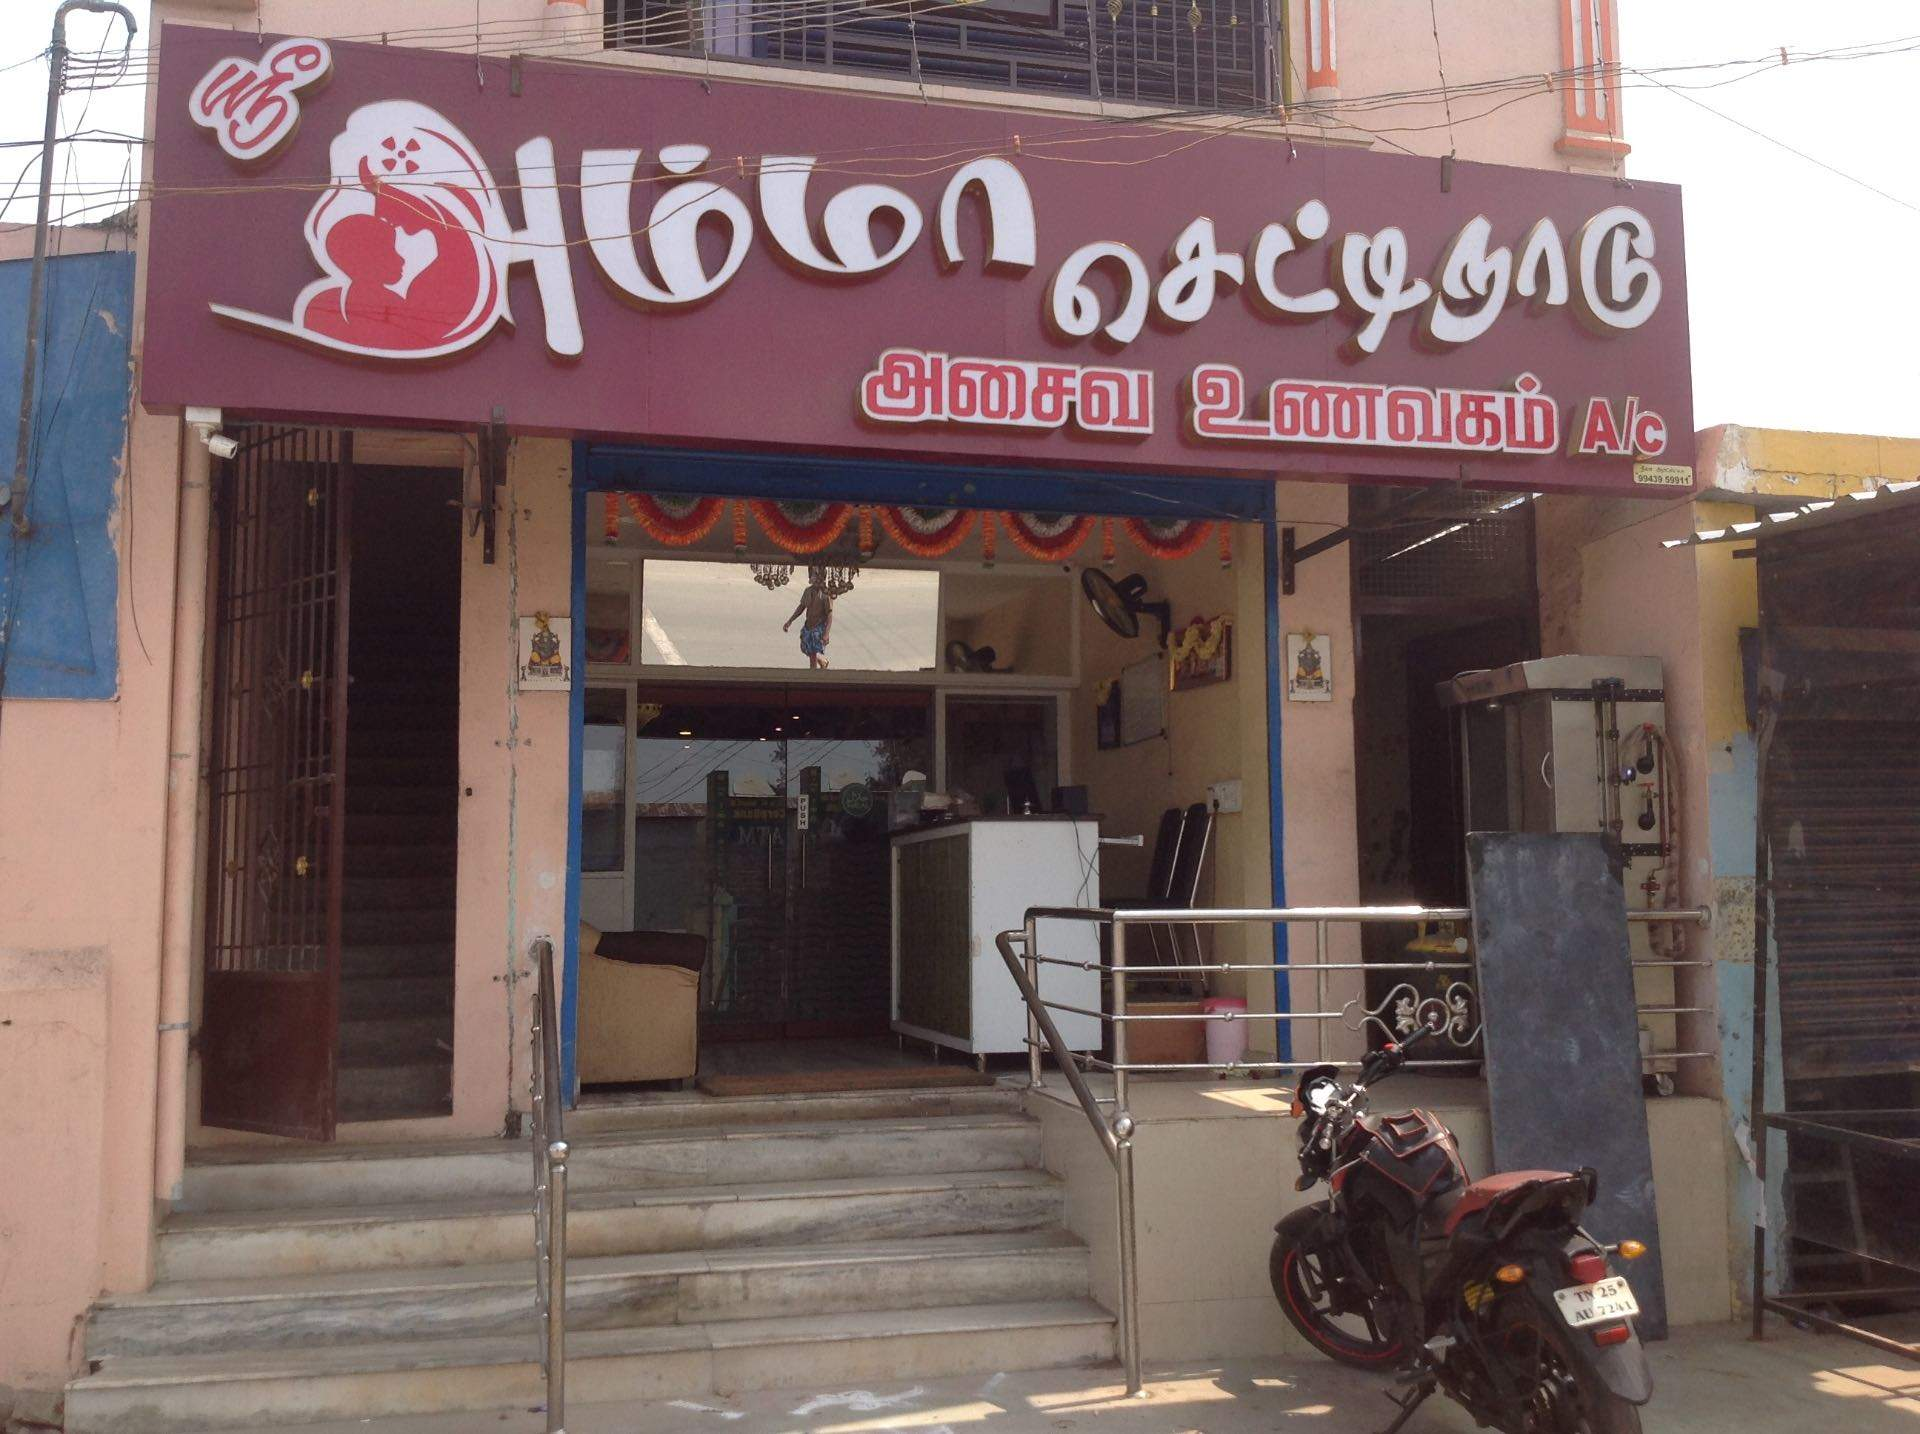 Biryani Restaurants in arani - Justdial